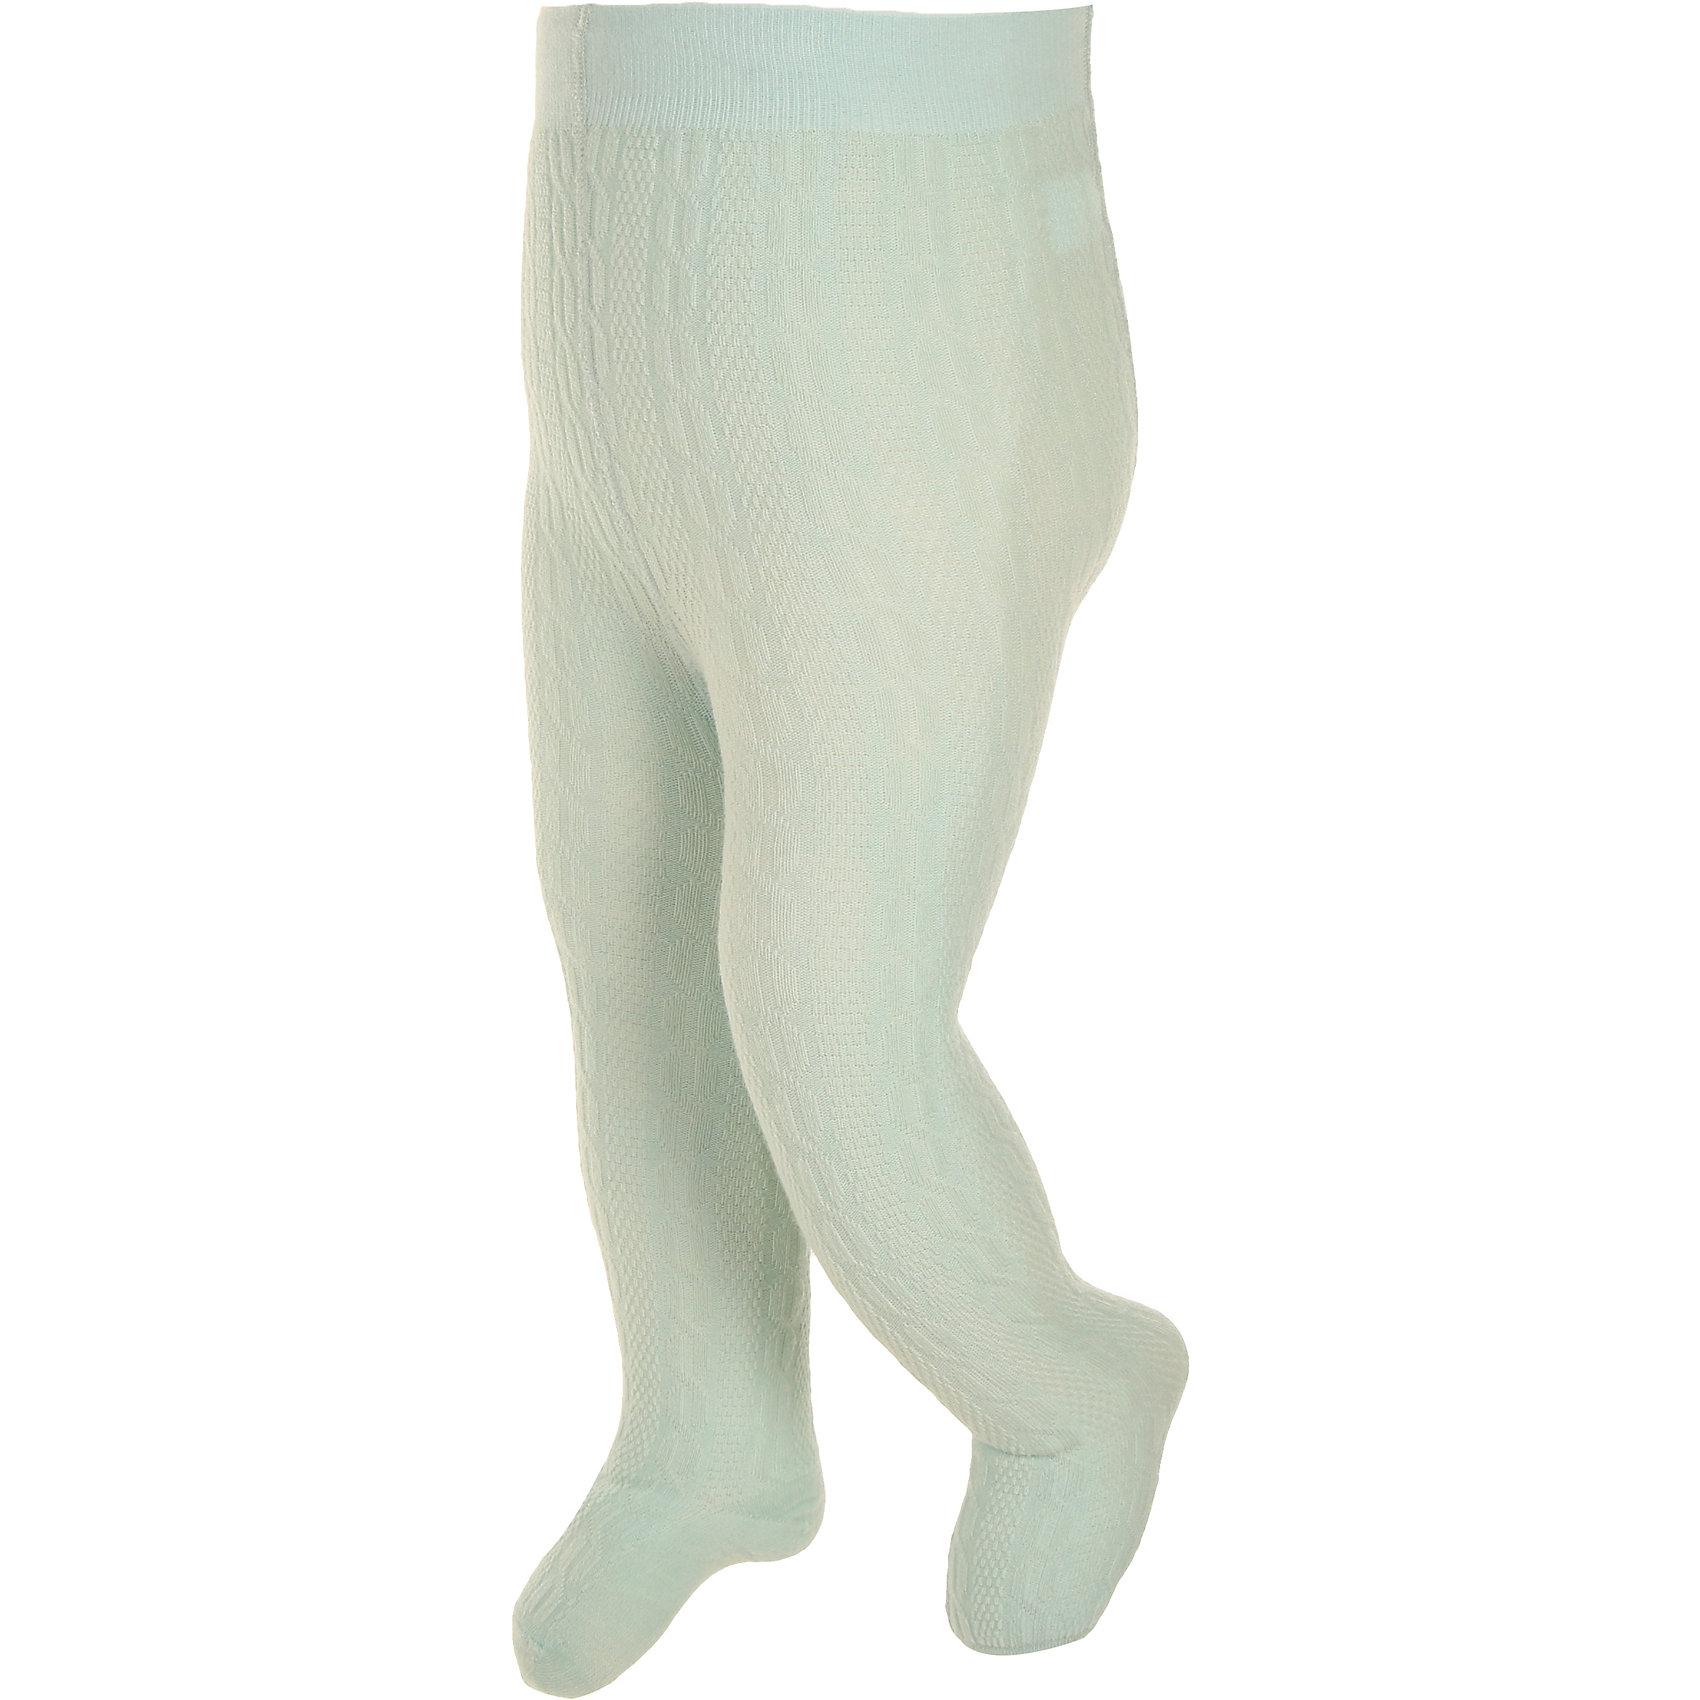 Колготки JanusКолготки<br>Колготки известной марки Janus.<br><br>Детские шерстяные колготки Janus – незаменимое термобелье для малыша в прохладный сезон. Изготовленные из шерсти мериноса колготки прекрасно впитывают влагу и выводят ее наружу, обеспечивая хорошую терморегуляцию и создавая эффект «сухого» тепла. Особая технология производства шерстяной пряжи и специальная вязка делает колготки Janus тонкими, мягкими, гладкими и эластичными, создавая малышу приятный комфорт и в помещении, и на улице. Кроме того, гипоаллергенные свойства материала позволяют носить термобелье из шерсти мериноса на голое тело, не раздражая нежную детскую кожу и не вызывая опрелостей и зуда. Вот почему изделия Janus рекомендуются даже новорожденным детям.<br><br>Изделия окрашены стойким, экологически безопасным красителем, поэтому колготки Janus не линяют и не выцветают даже после многократных стирок.<br><br>Состав: 75% шерсти, 23% полиамид, 2% эластан<br><br>Ширина мм: 123<br>Глубина мм: 10<br>Высота мм: 149<br>Вес г: 209<br>Цвет: синий<br>Возраст от месяцев: 0<br>Возраст до месяцев: 6<br>Пол: Унисекс<br>Возраст: Детский<br>Размер: 60/70,80/90<br>SKU: 4913731